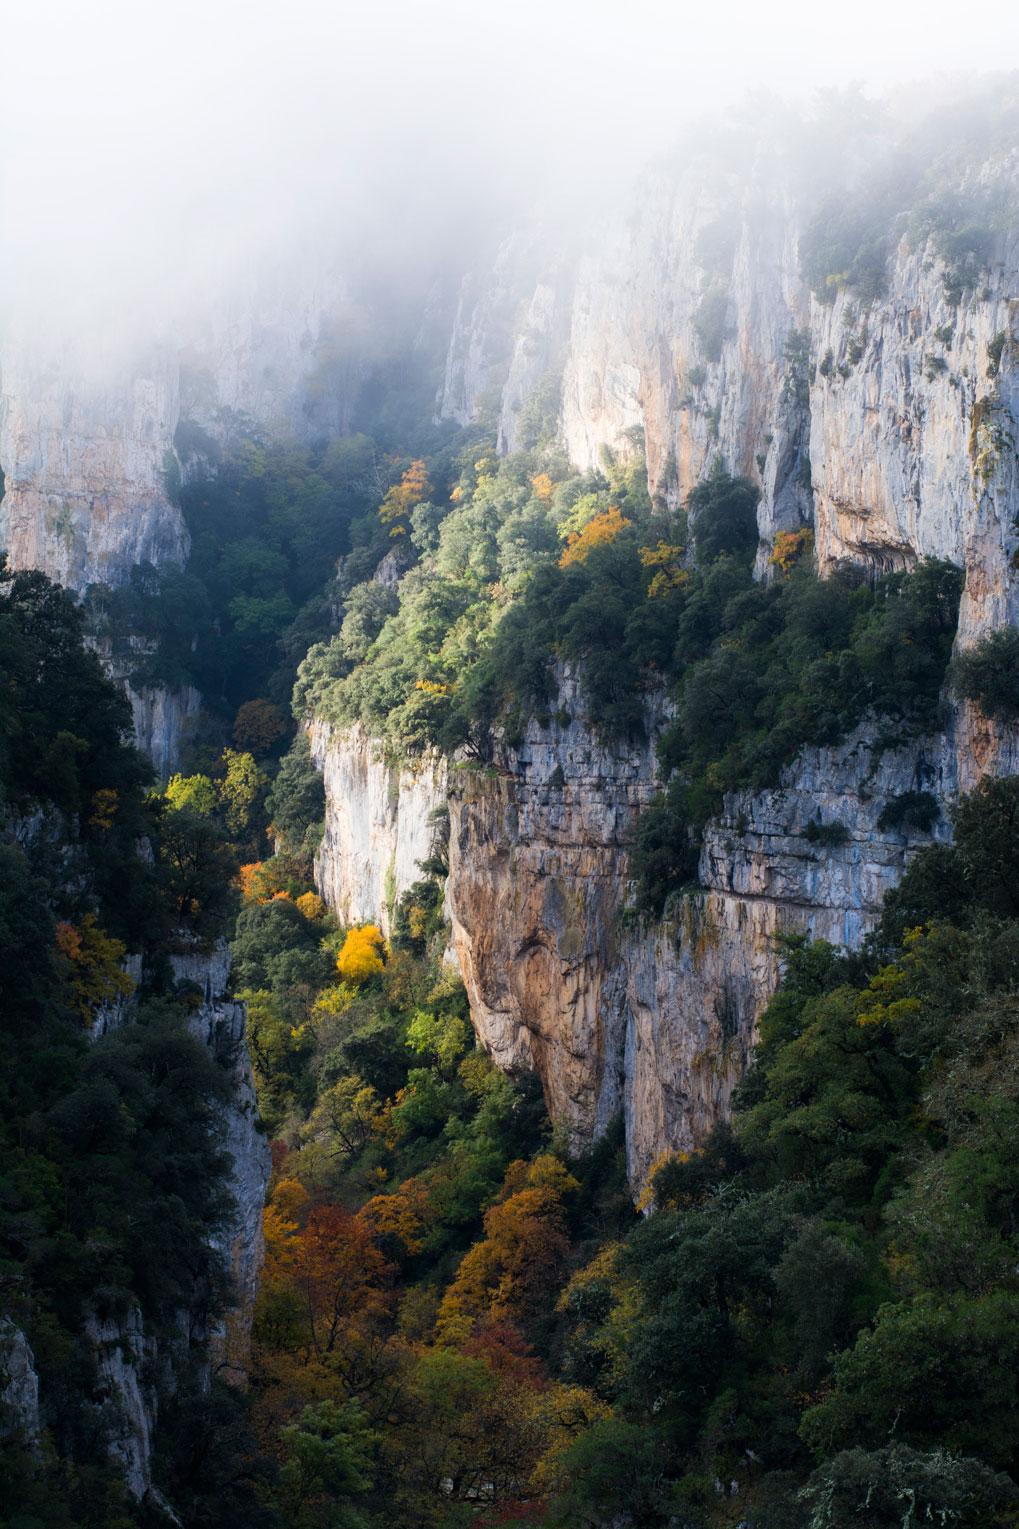 Tapiz vertical - Archivo - Iñaki Larrea, Fotografía de naturaleza y montaña